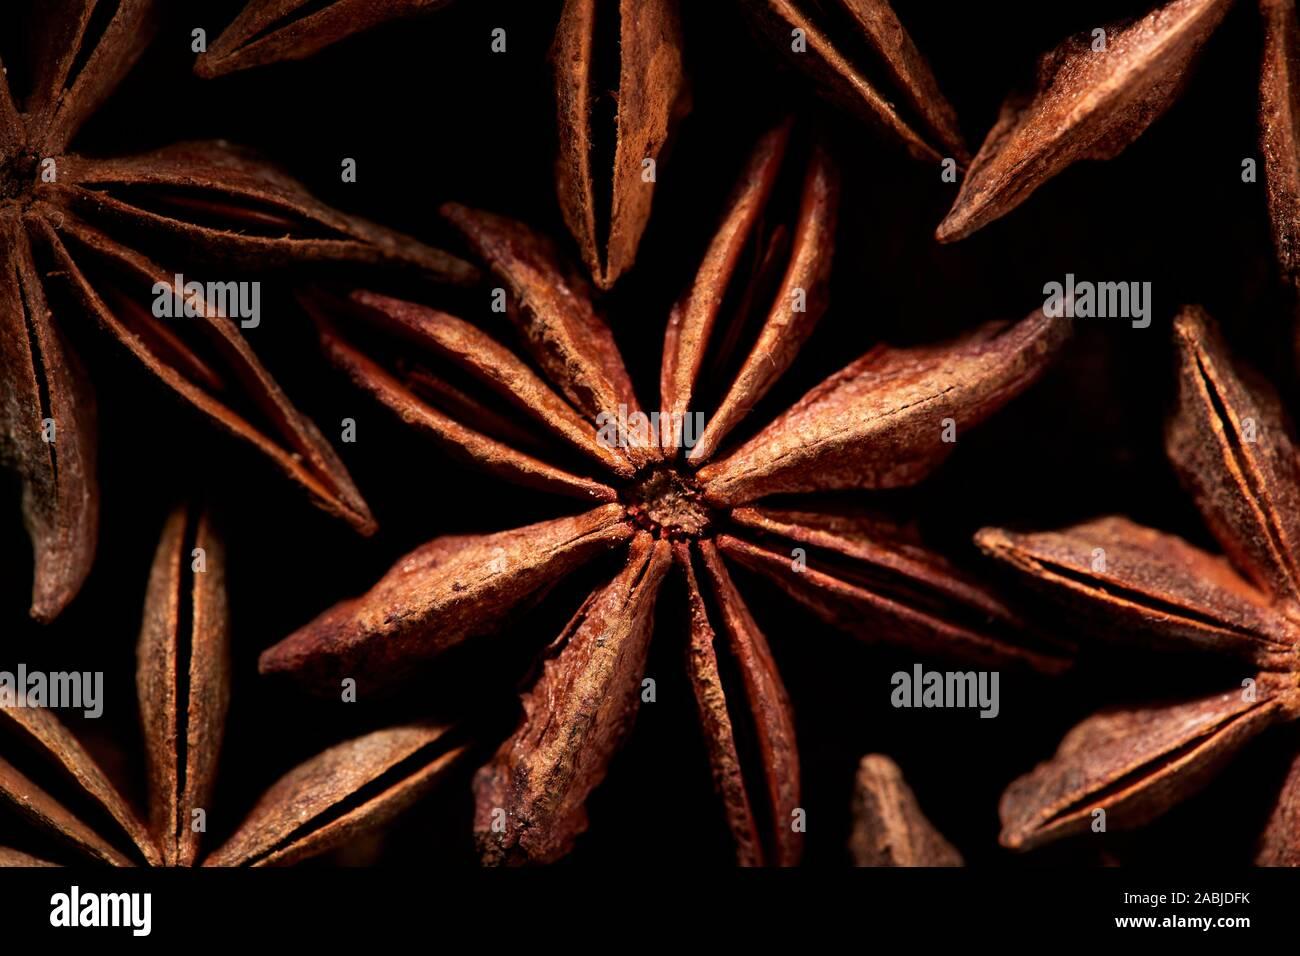 Schéma des graines d'anis étoile Badyan fermer jusqu'au marché en Inde Banque D'Images